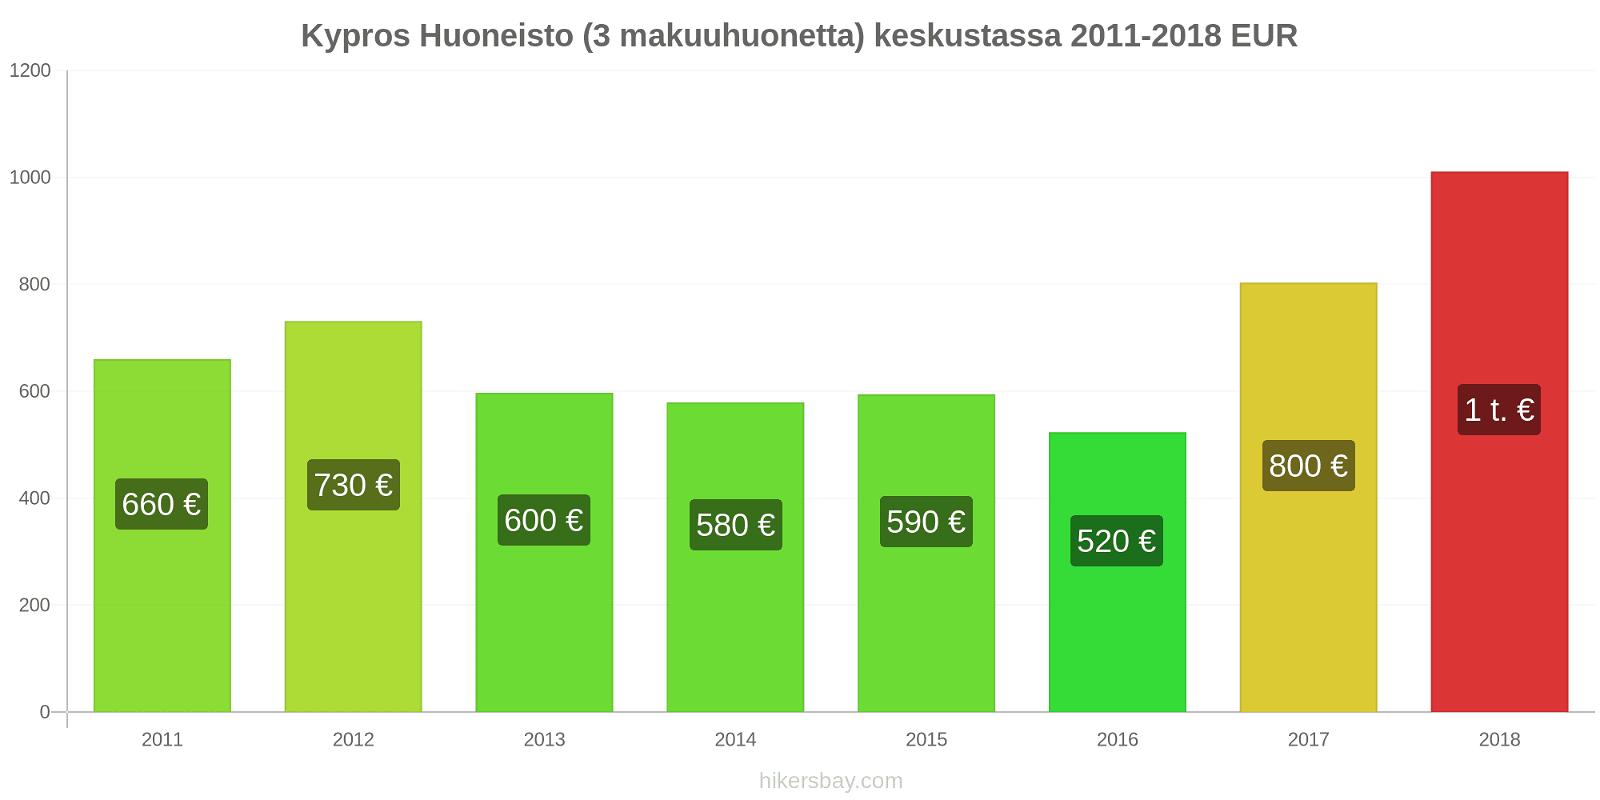 Kypros hintojen muutokset Huoneisto (3 makuuhuonetta) keskustassa hikersbay.com